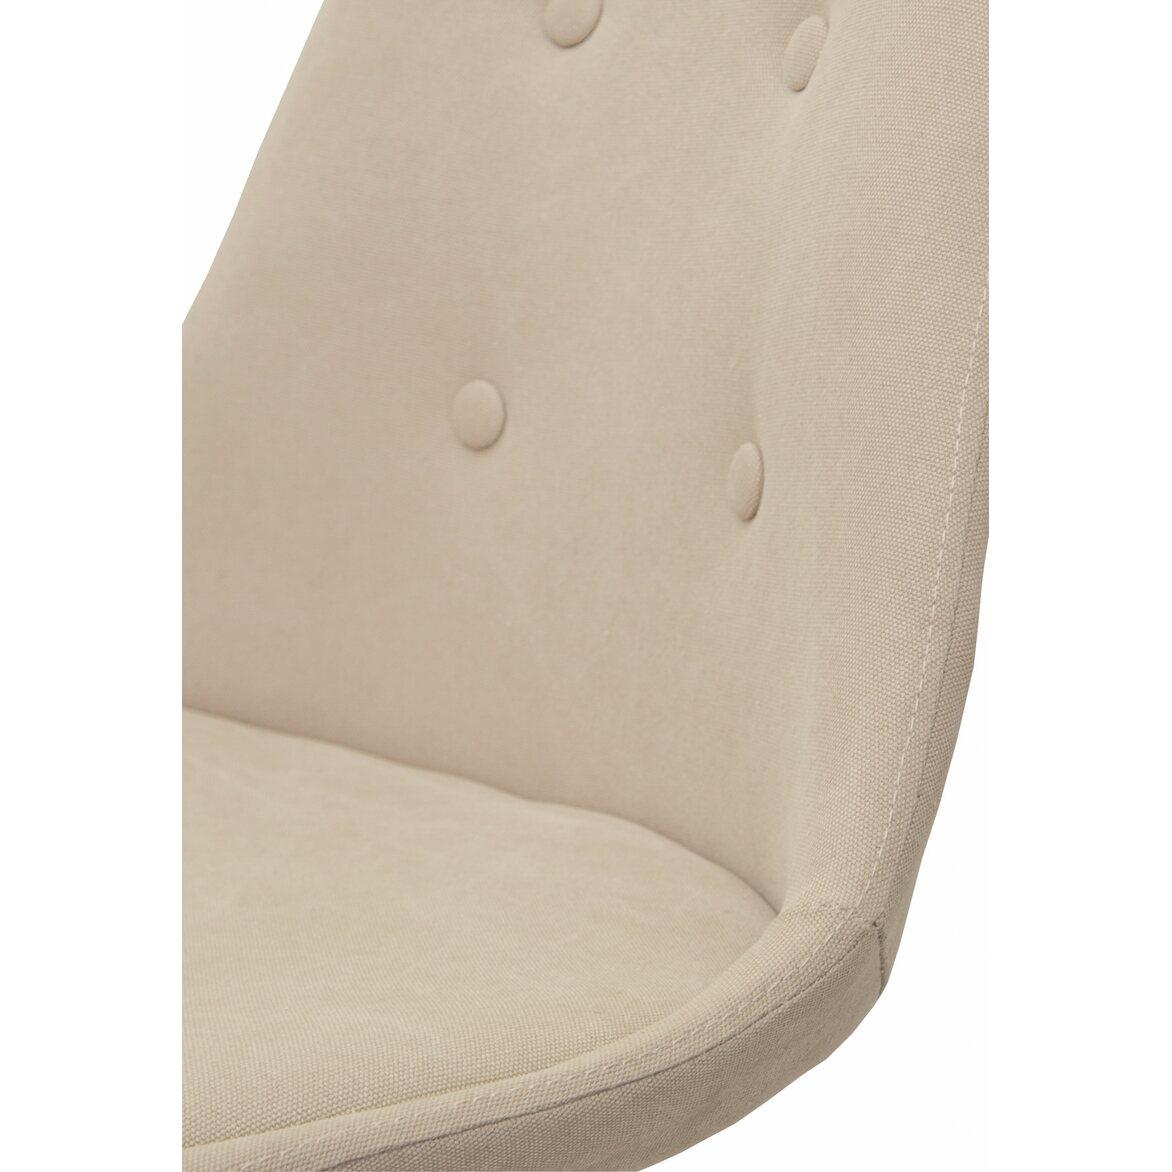 Стул Dexx beige 5 | Обеденные стулья Kingsby